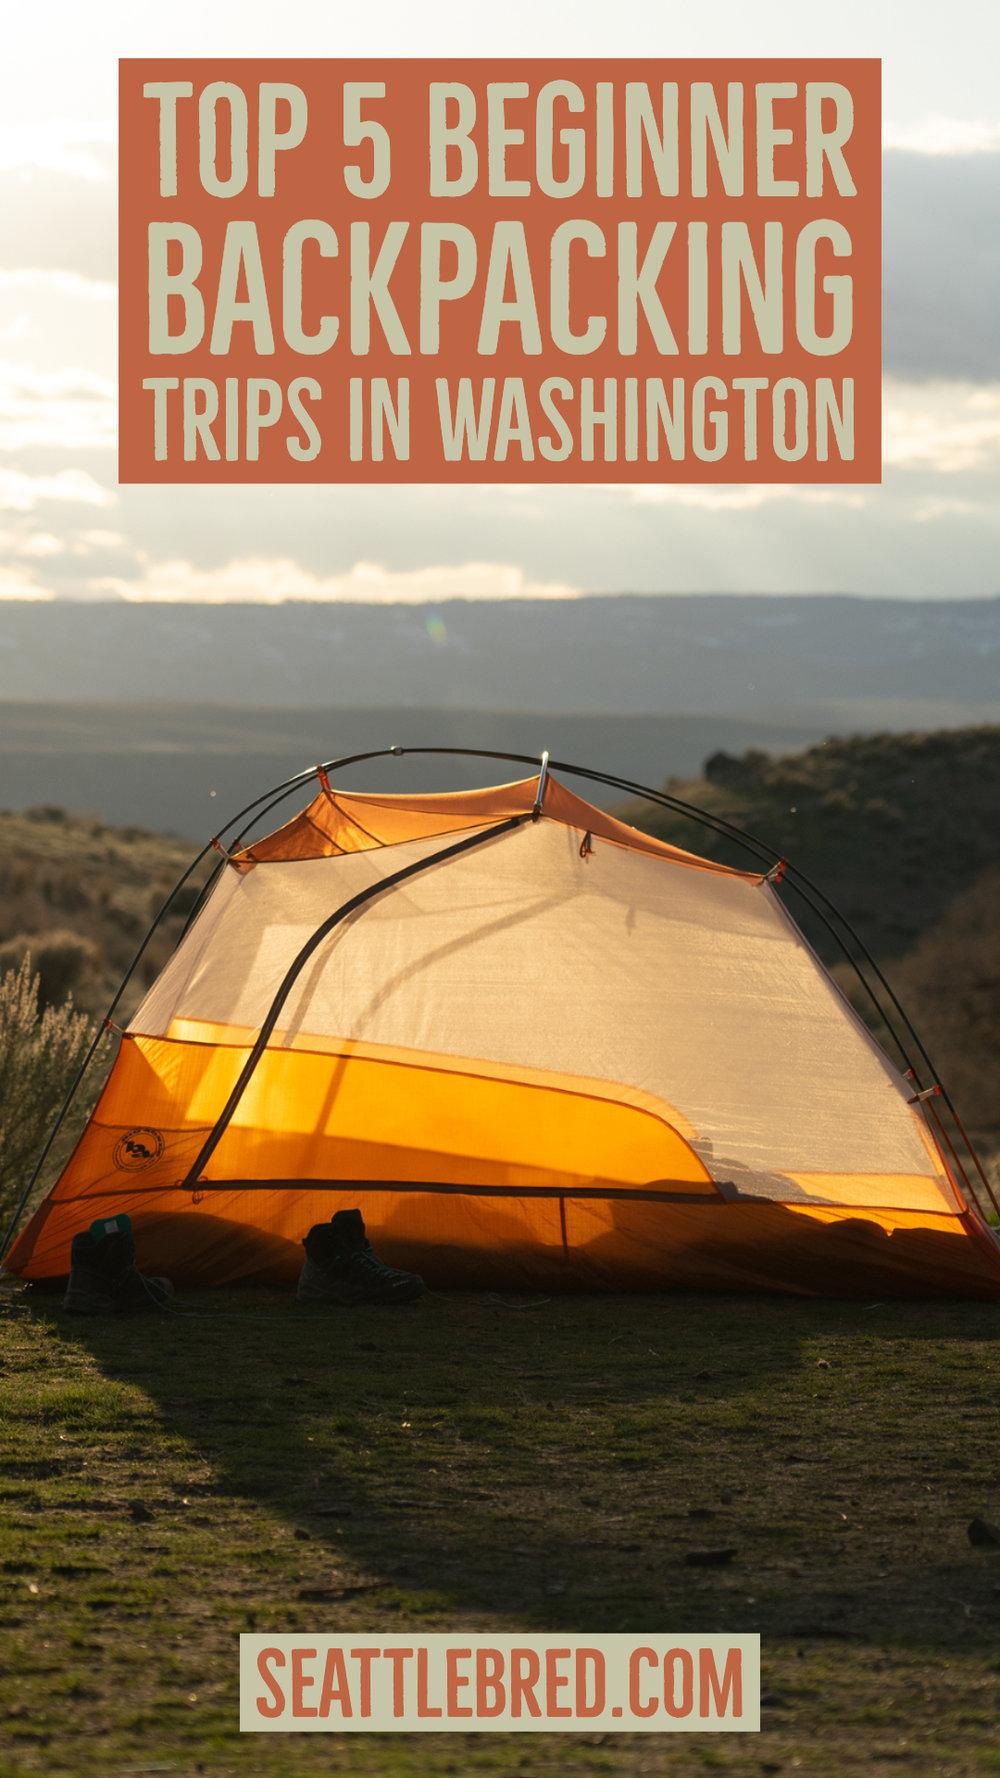 Beginner-backpacking trips.jpg